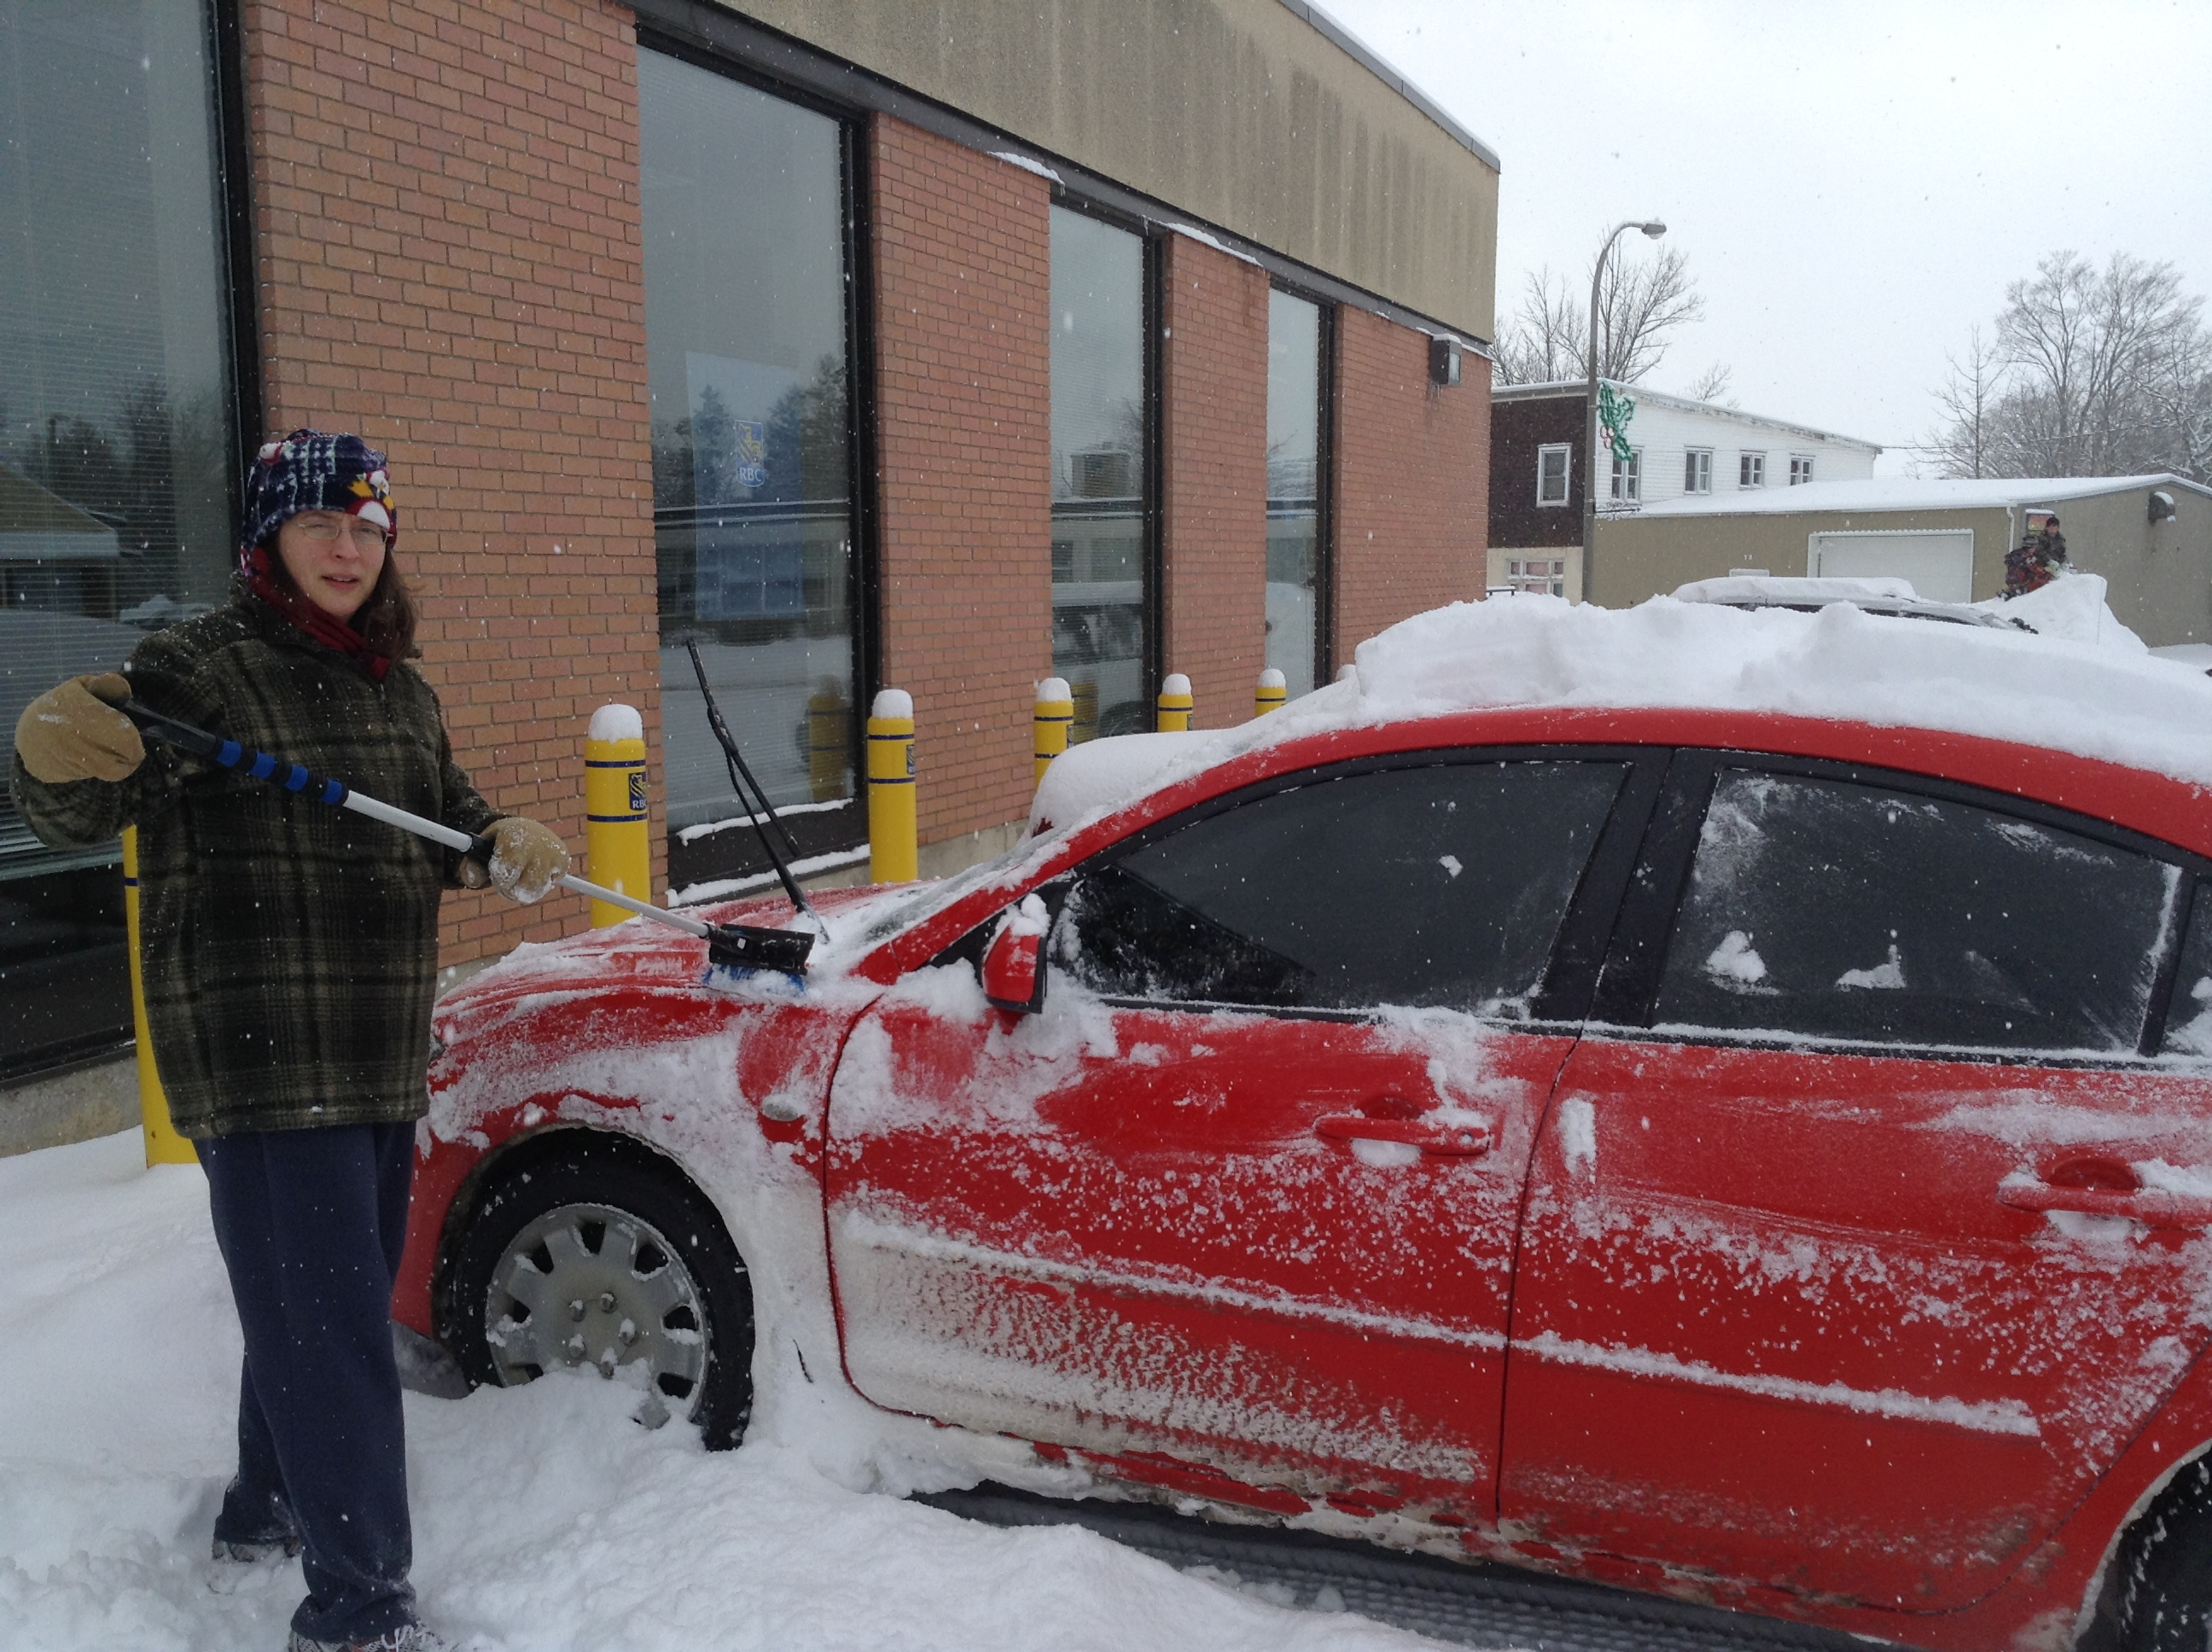 Fun! Clearing the Car!